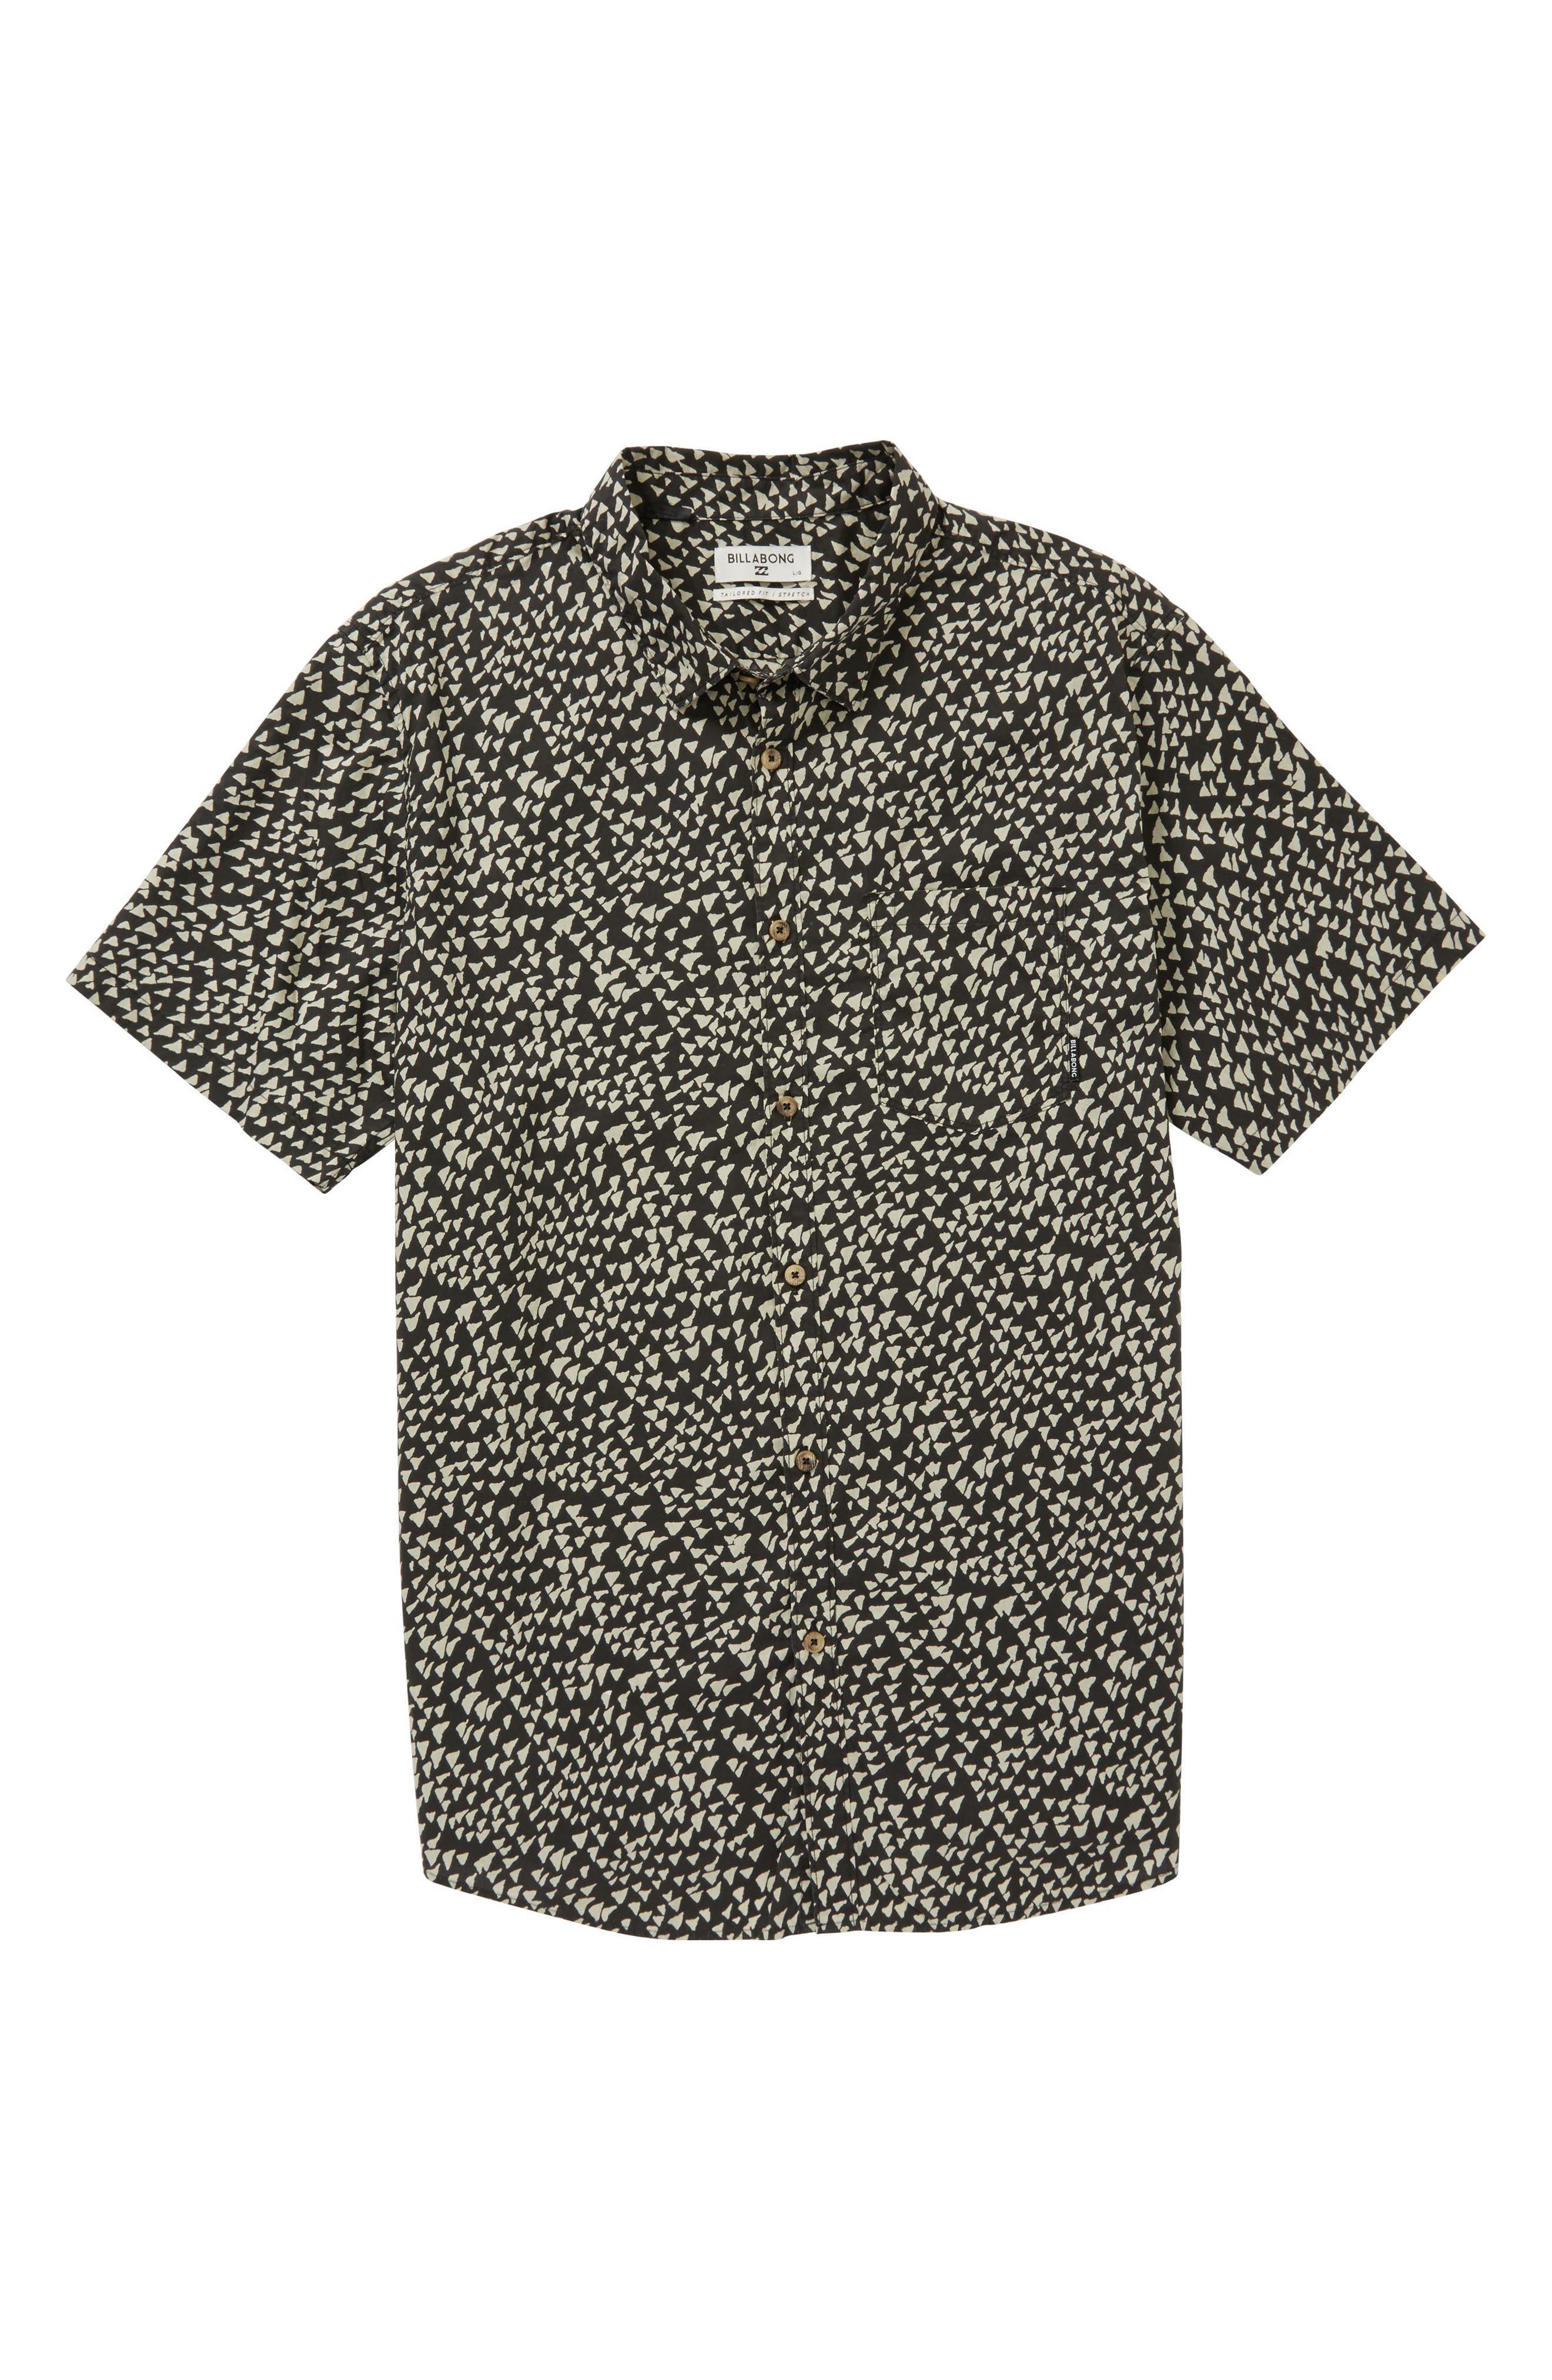 Billabong Sundays Woven Shirt (Little Boys)